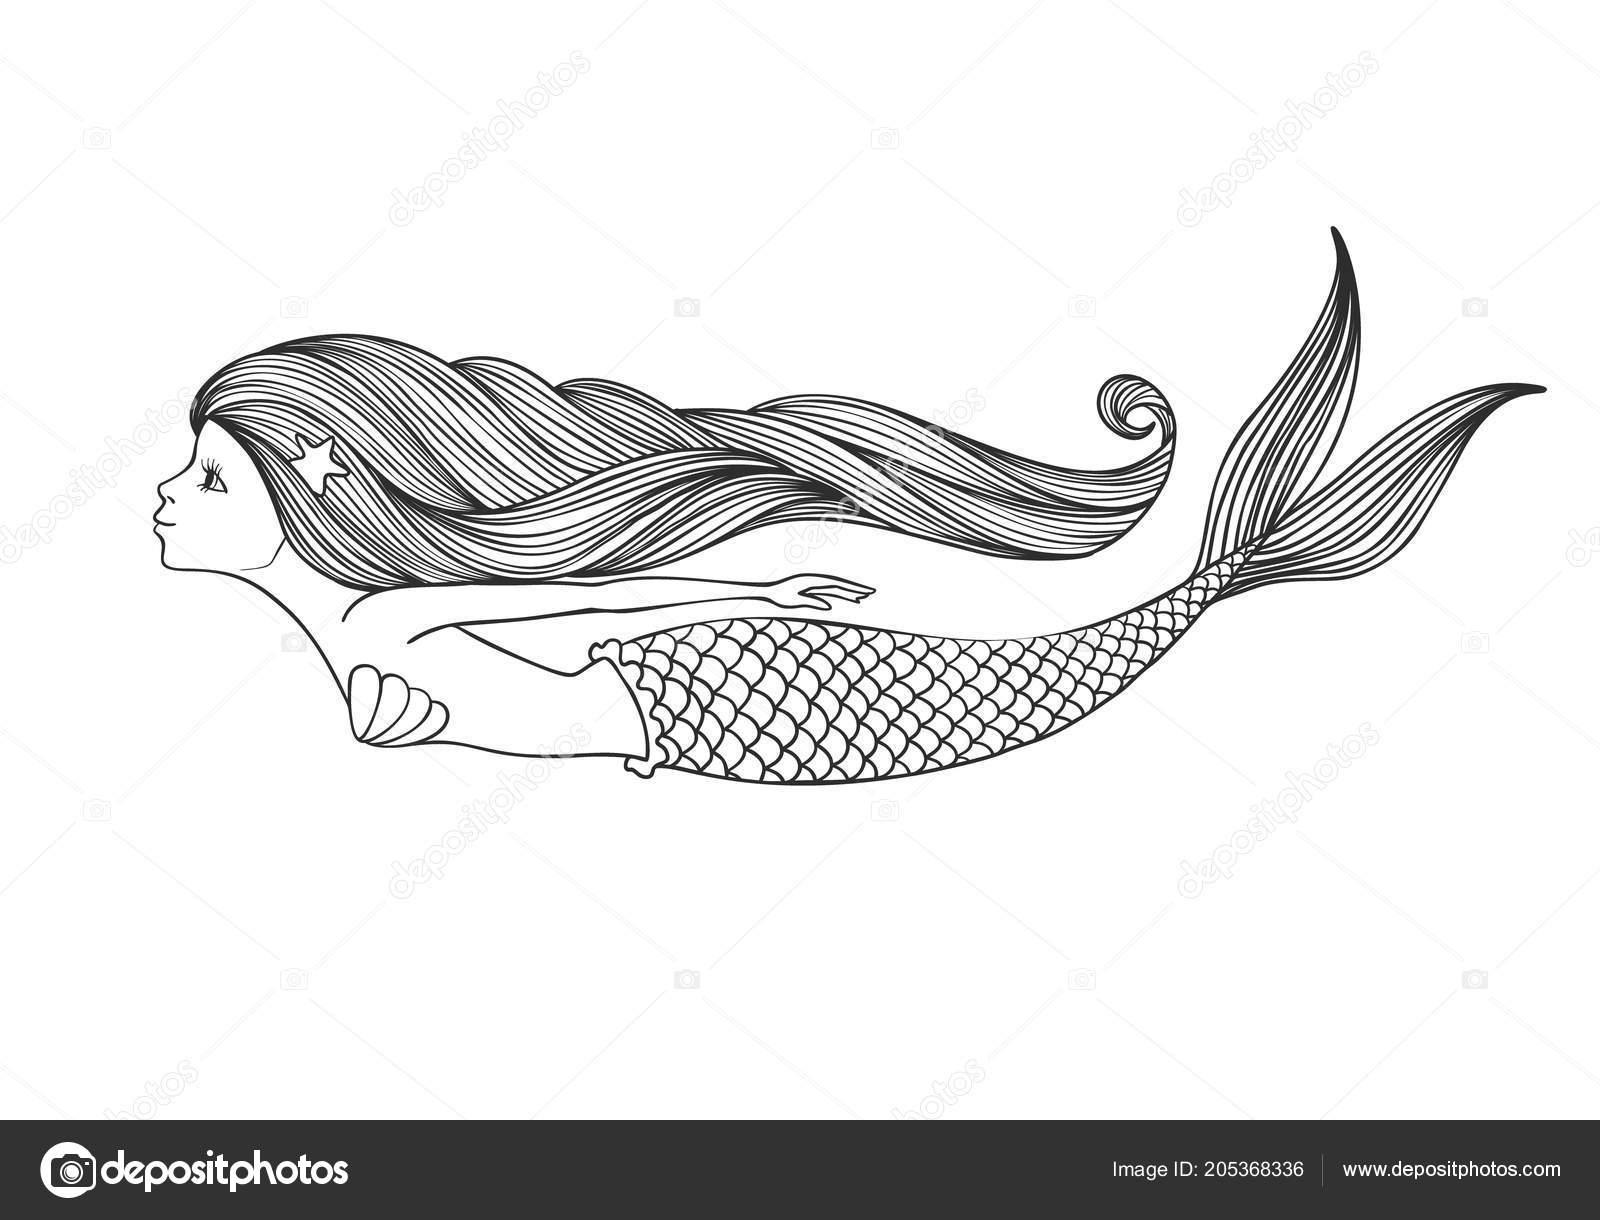 Coloriage Queue De Sirene.Fille Mignonne Lineaire Dessinee Main Sirene Pour Coloriages Isole